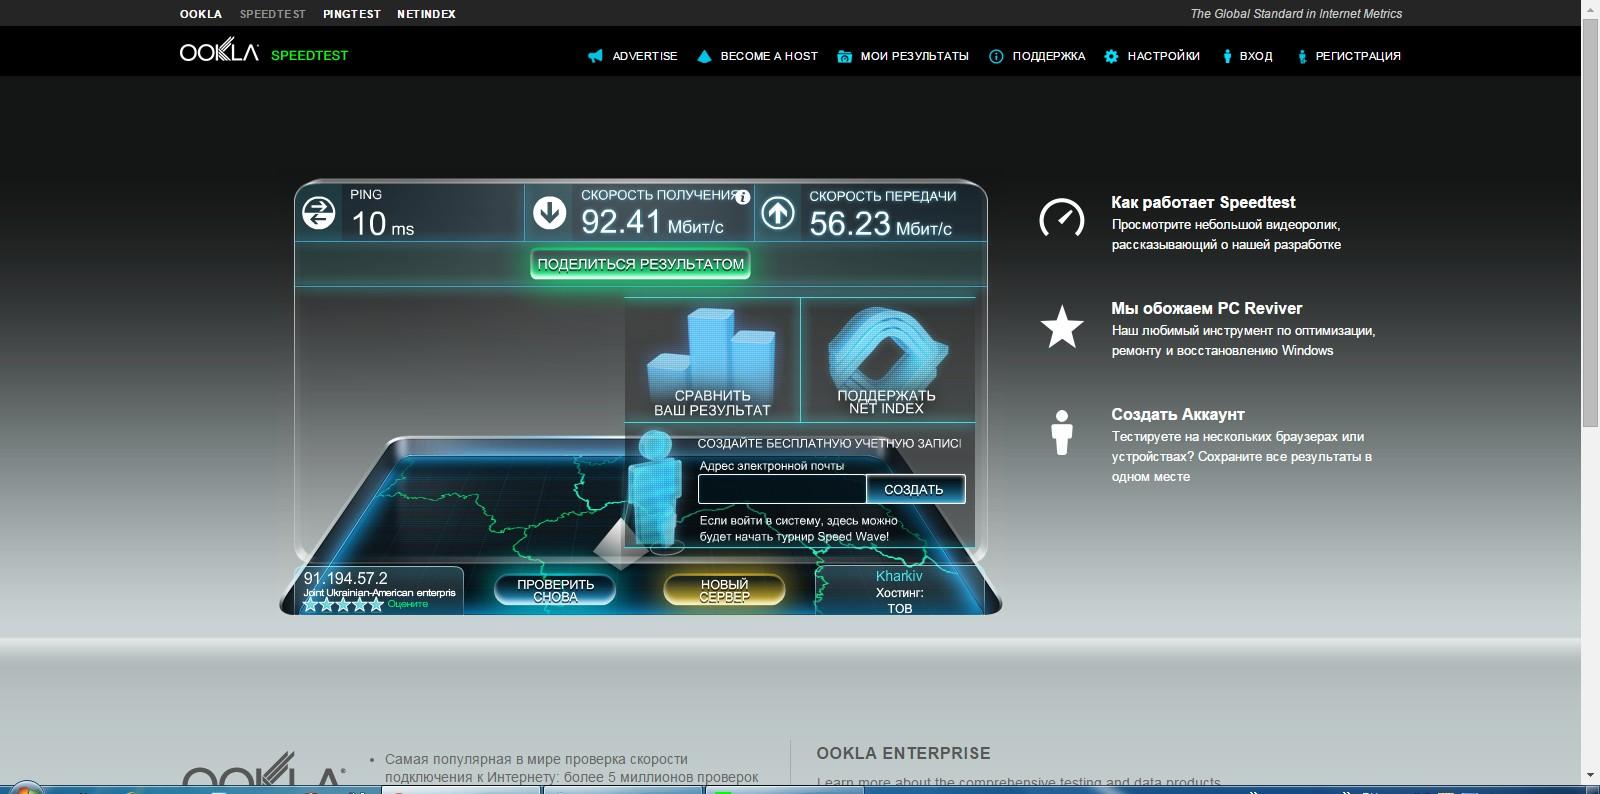 Почему у меня маленькая скорость у интернета